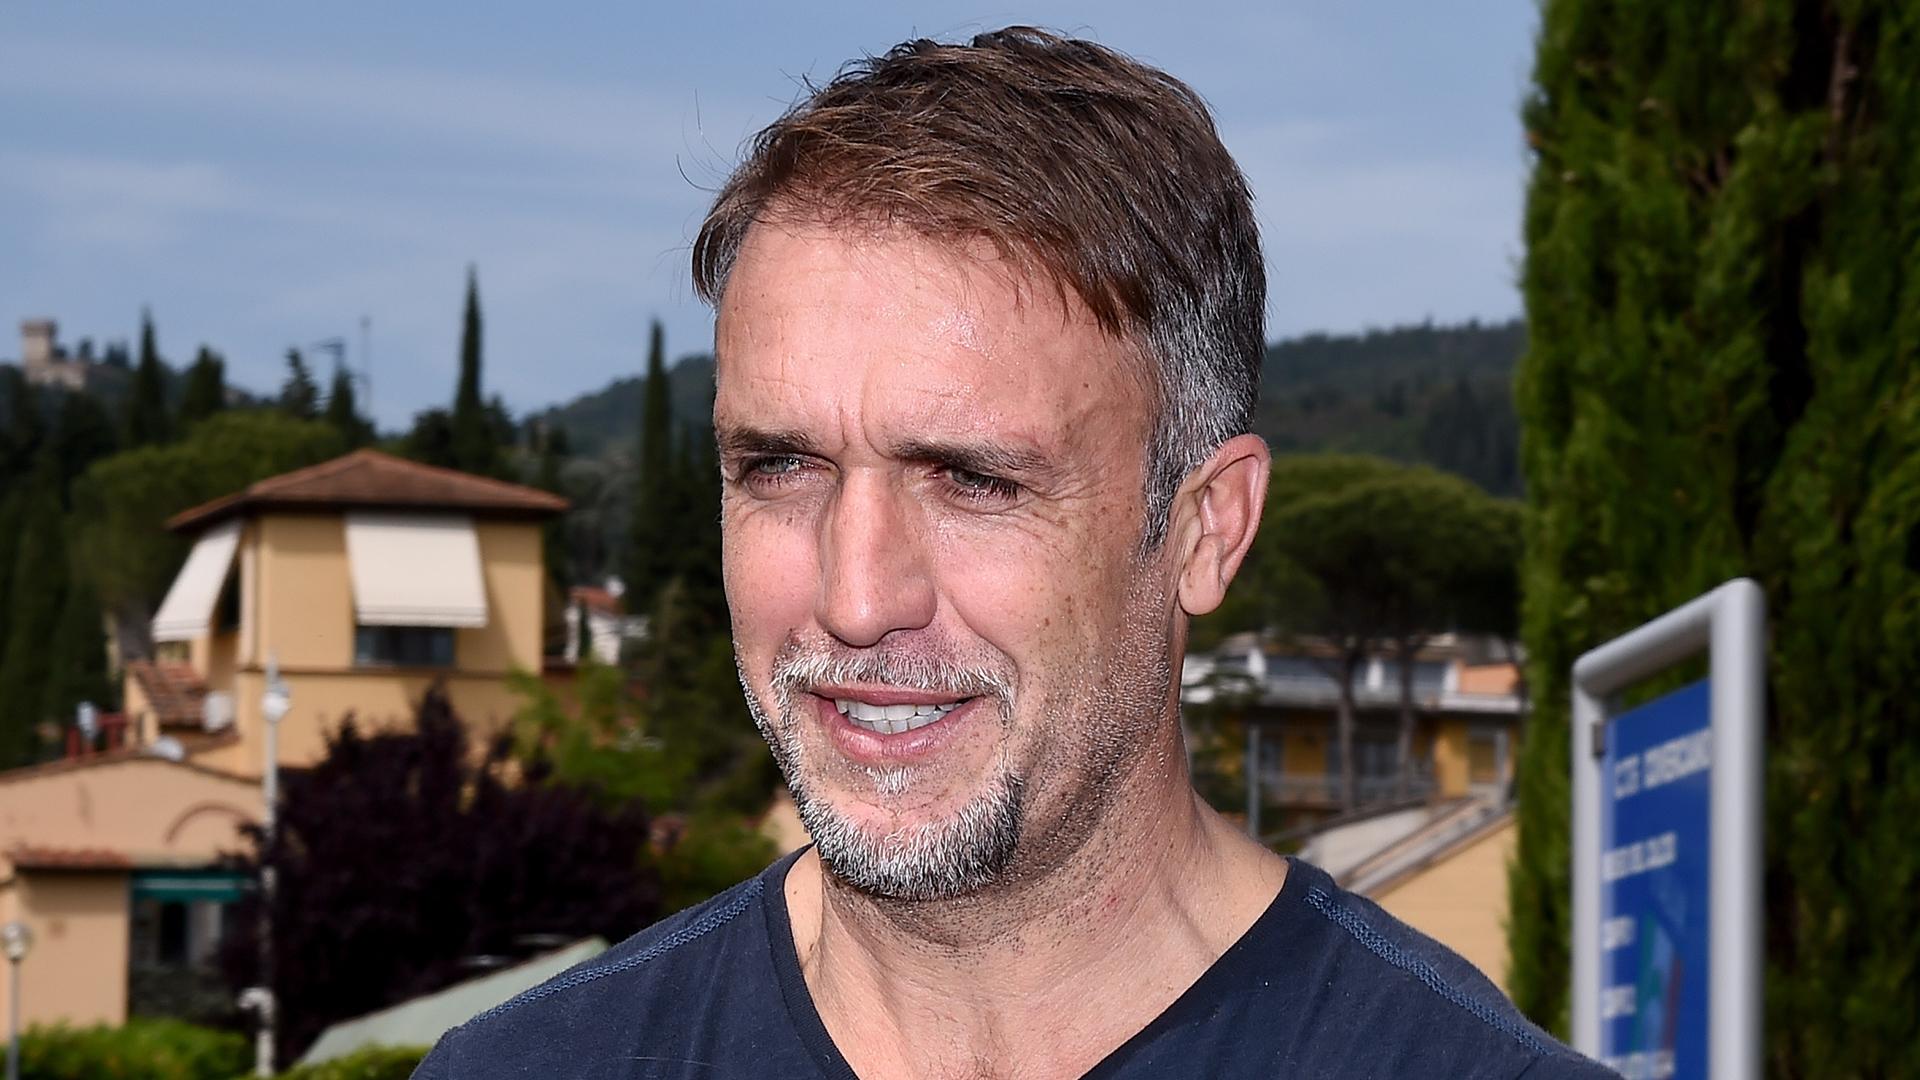 Gabriel Batistuta now